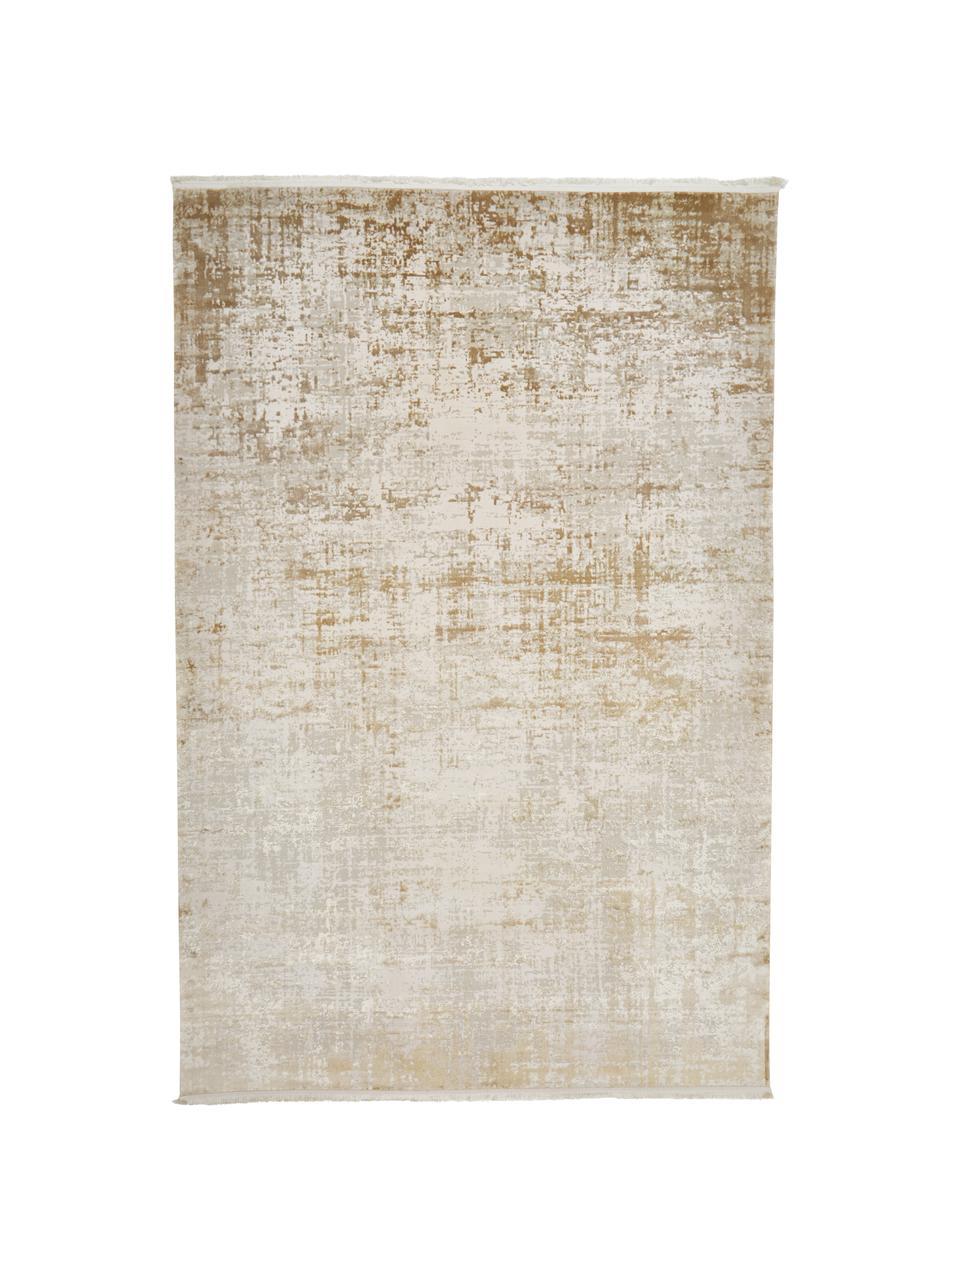 Tappeto vintage tonalità beige effetto lucido con frange Cordoba, Retro: 100% cotone, Tonalità beige, Larg. 130 x Lung. 190 cm (taglia S)